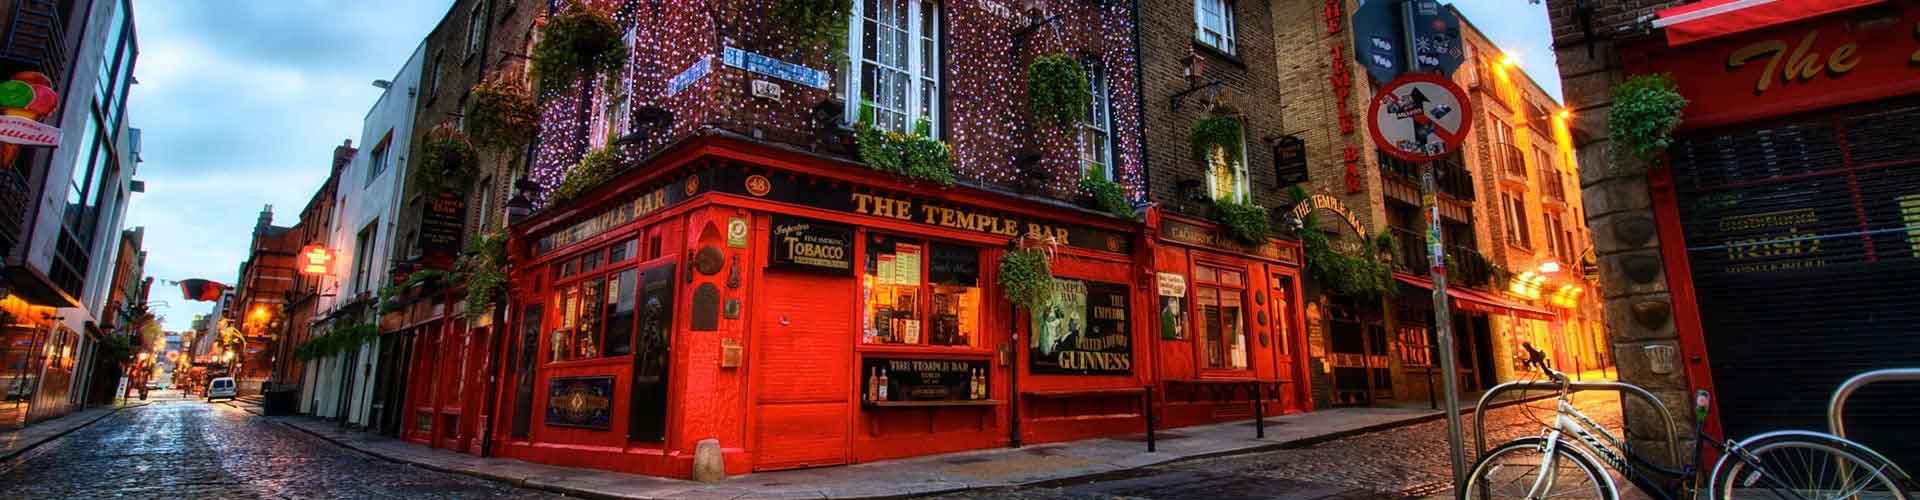 Dublín - Hoteles baratos en el distrito Temple Bar. Mapas de Dublín, Fotos y comentarios de cada Hotel barato en Dublín.